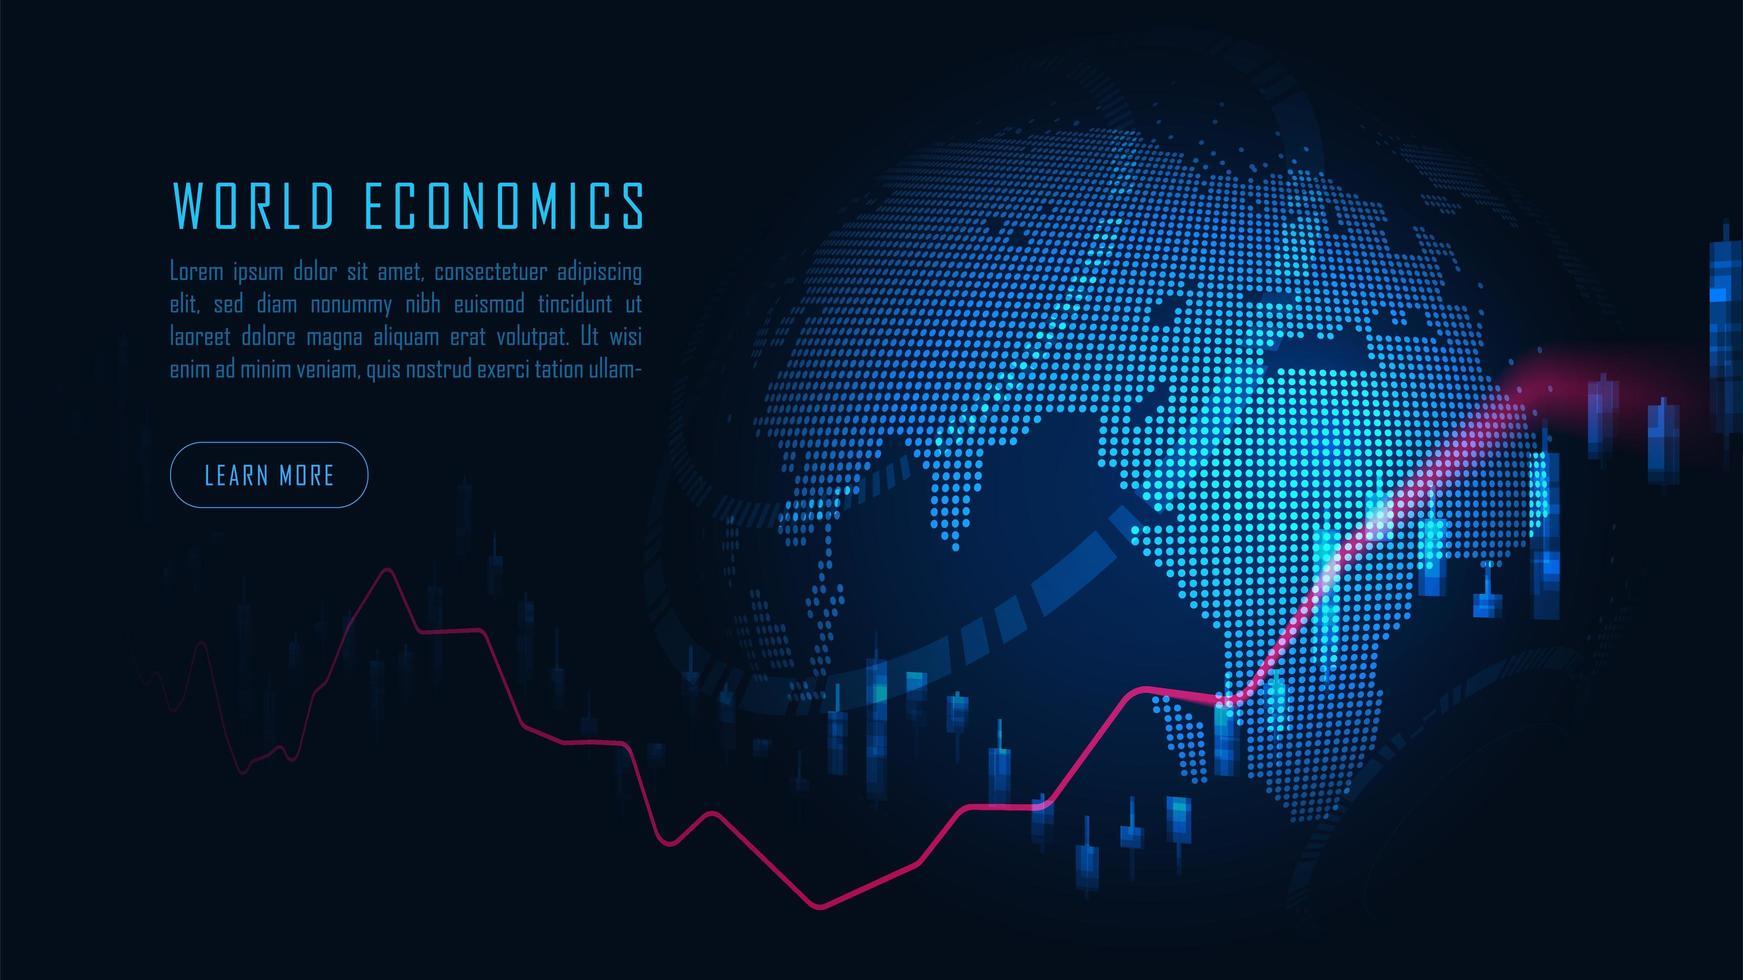 marché boursier mondial ou graphique de trading forex vecteur